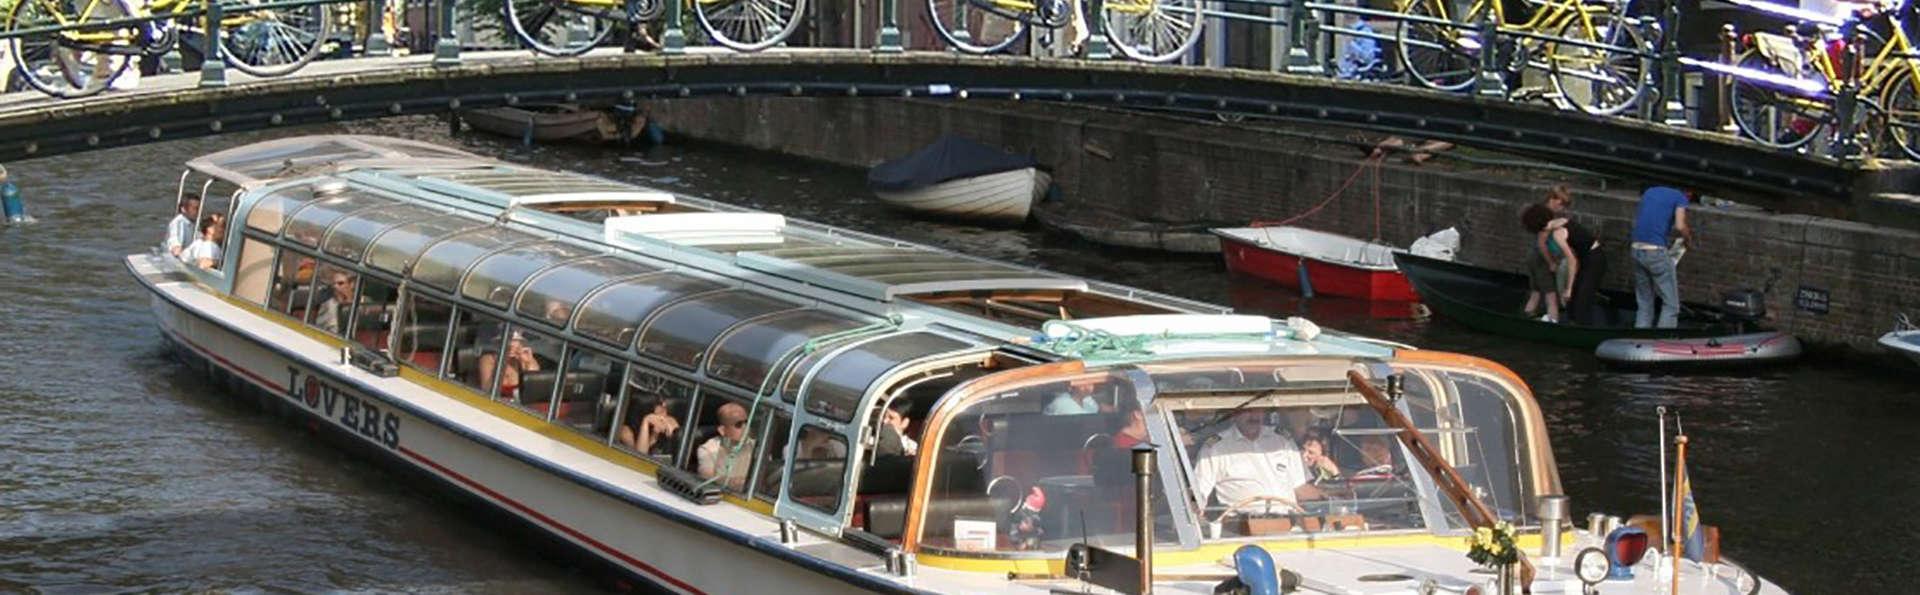 Hôtel 3 étoiles à Amsterdam et croisière sur son canal